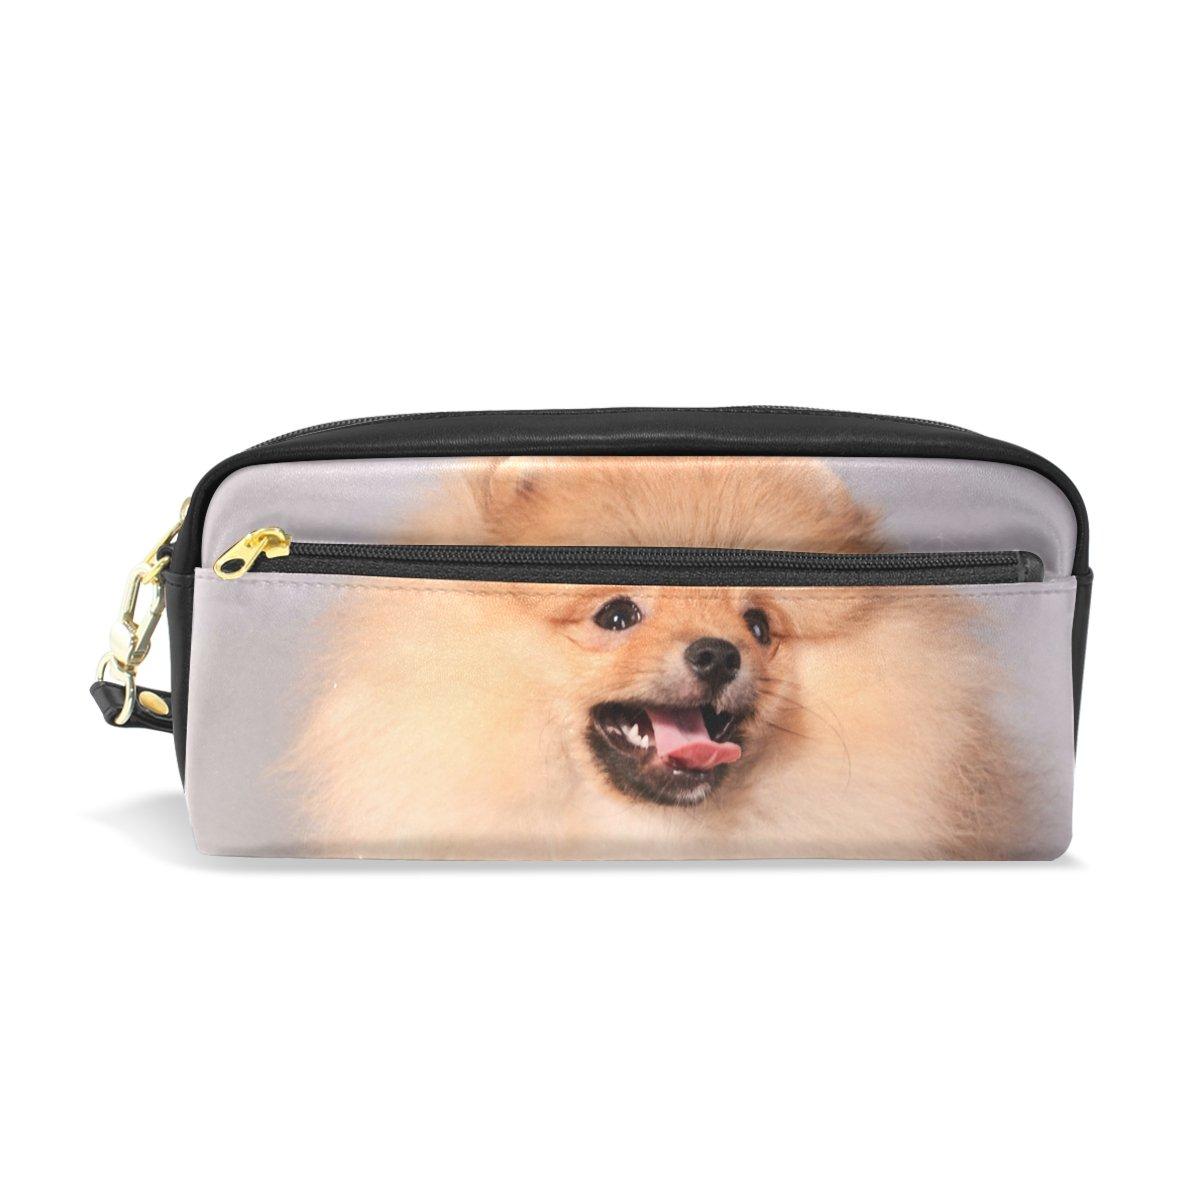 新到着 B07DXMF3YXColourlife鉛筆ケースふわふわ子犬レザーポーチバッグメイクアップコスメティックバッグ B07DXMF3YX, 工具ランド いたわり館:bd720169 --- ciadaterra.com